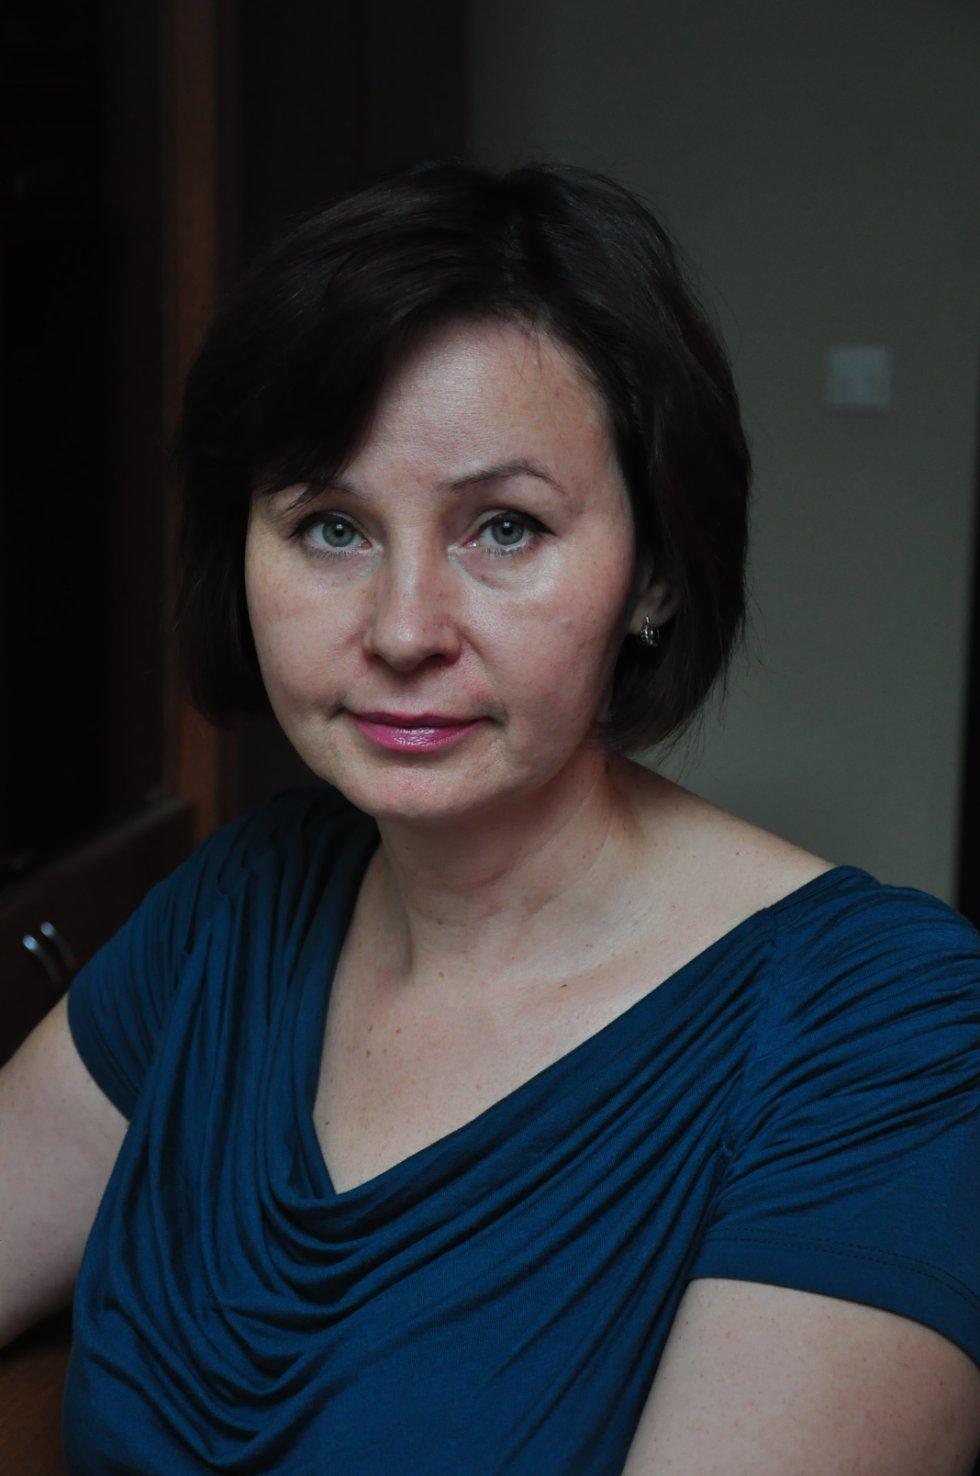 Emanova Juliana Gennadevna